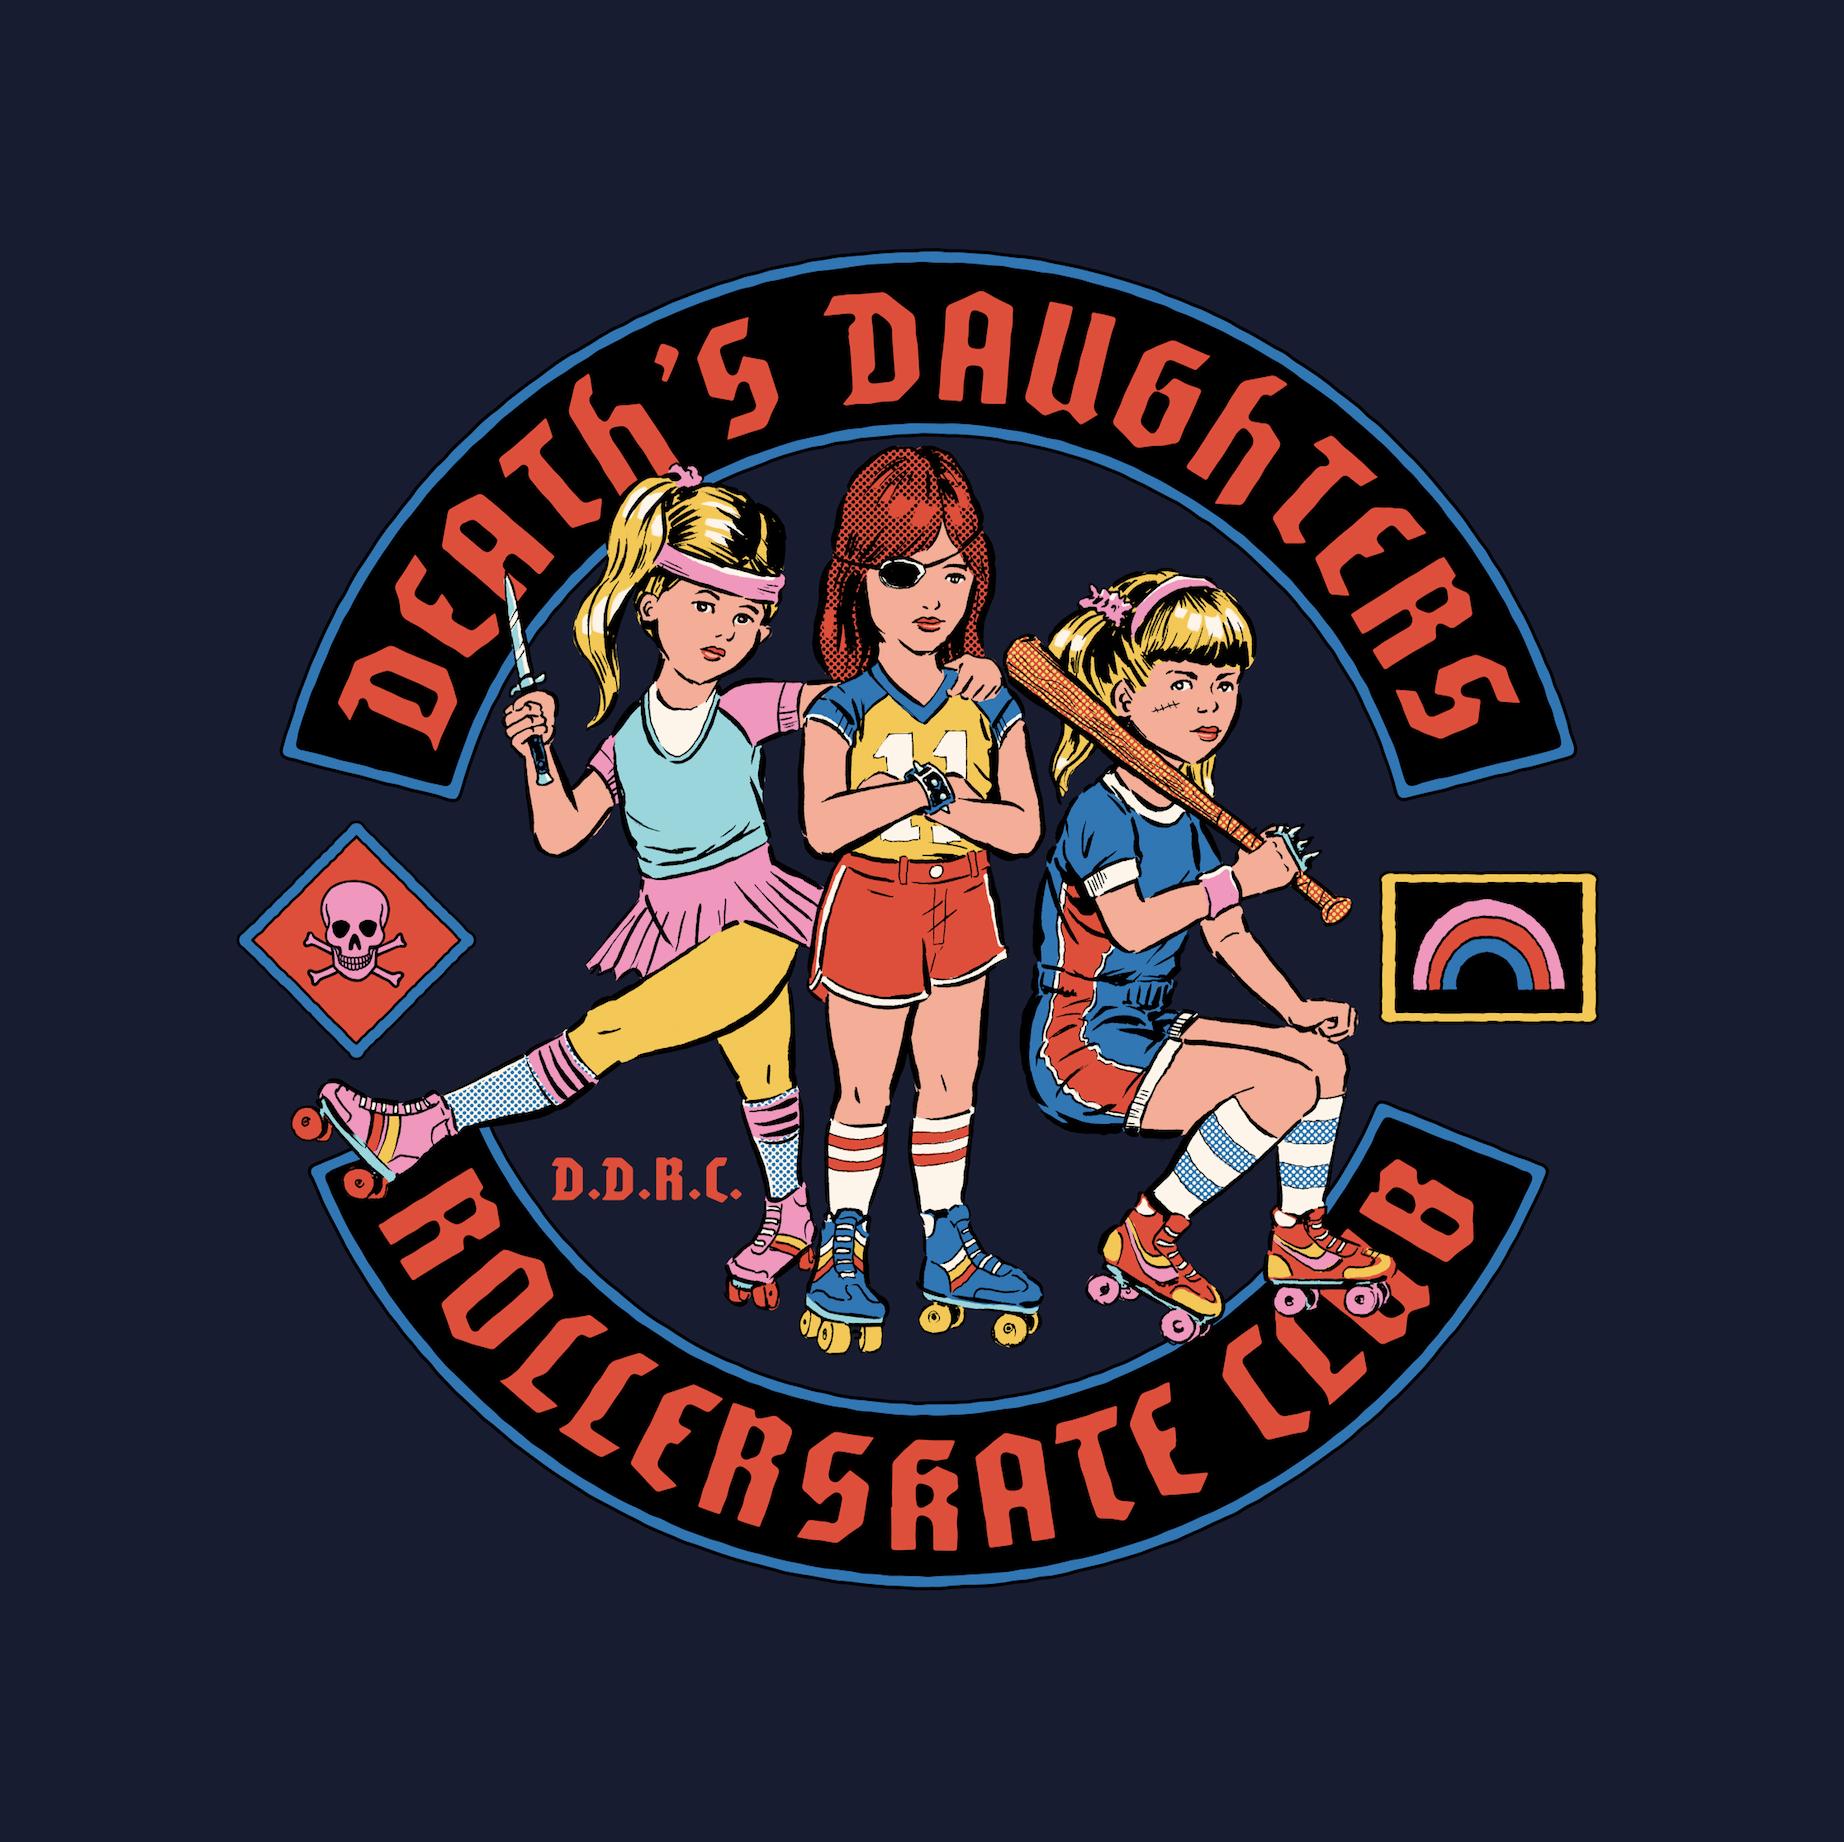 D.D.R.C.